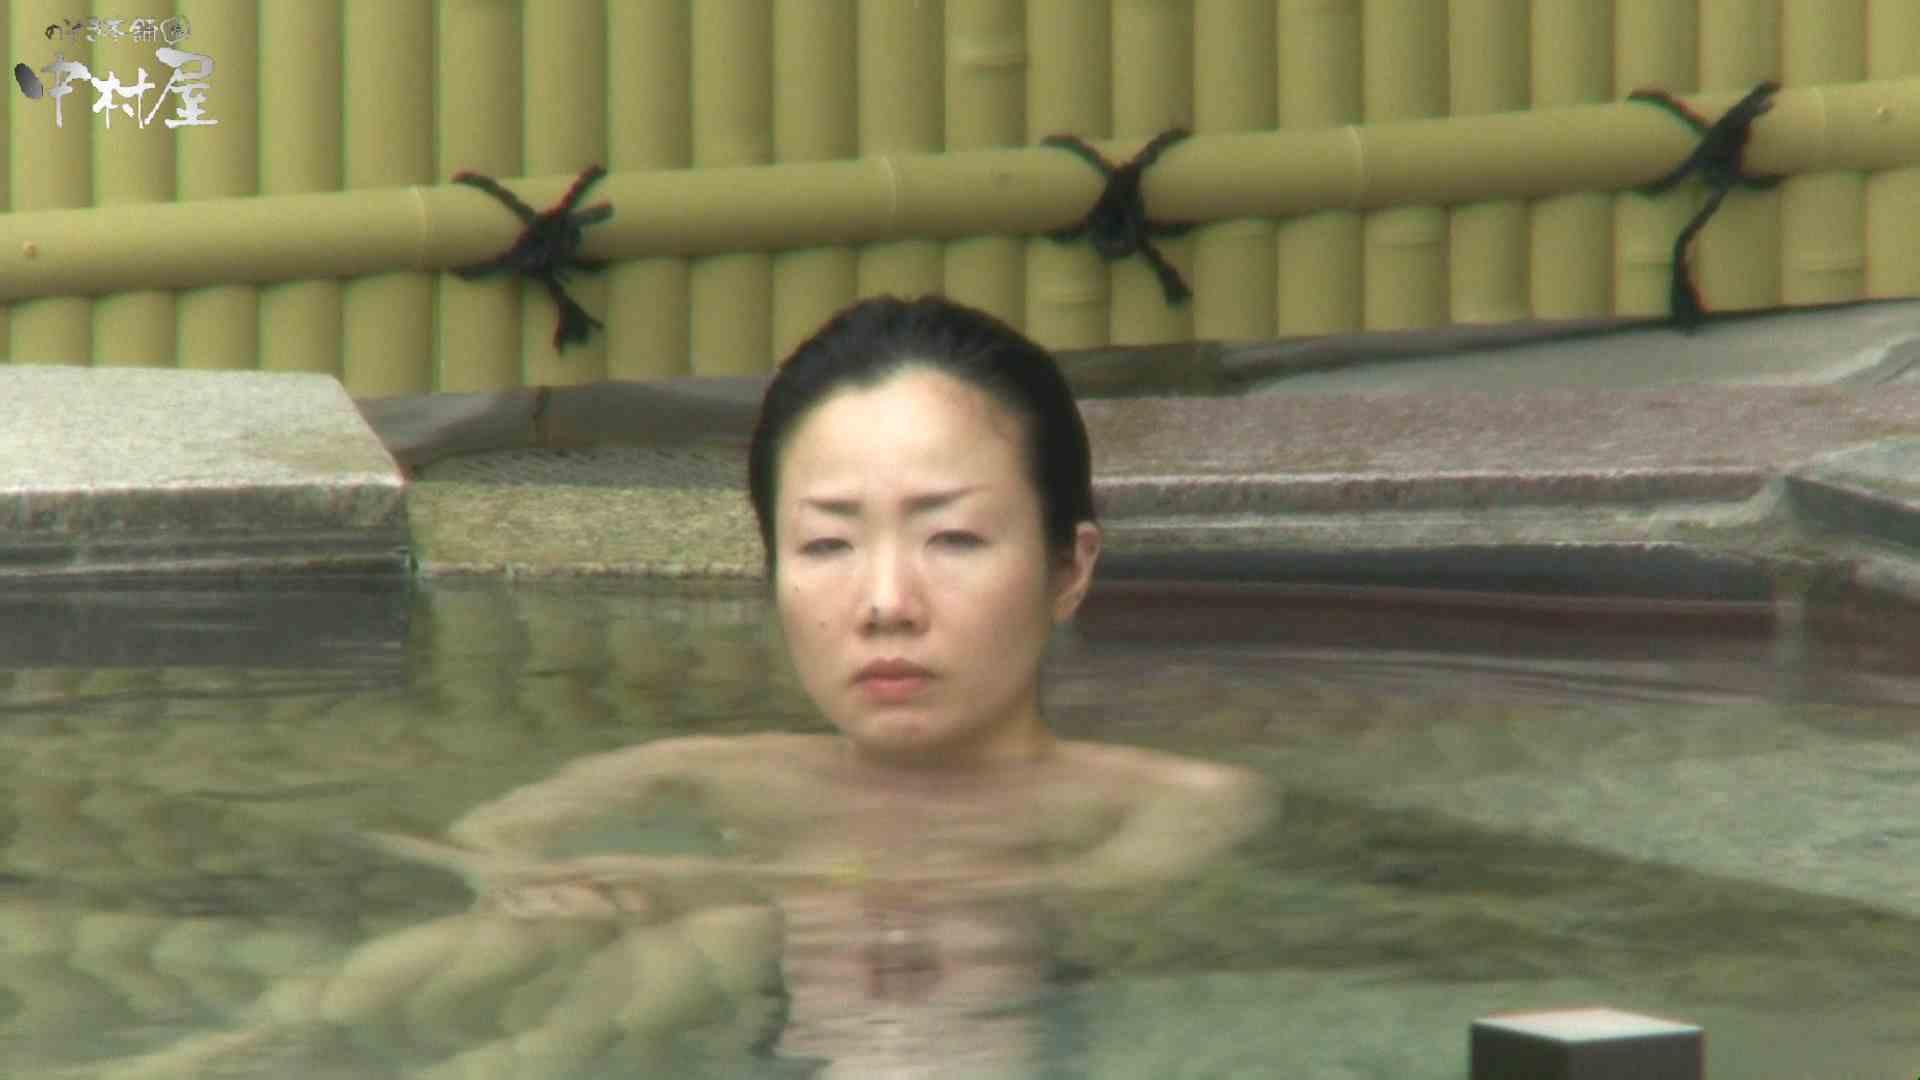 Aquaな露天風呂Vol.950 露天風呂 | 盗撮  107連発 40